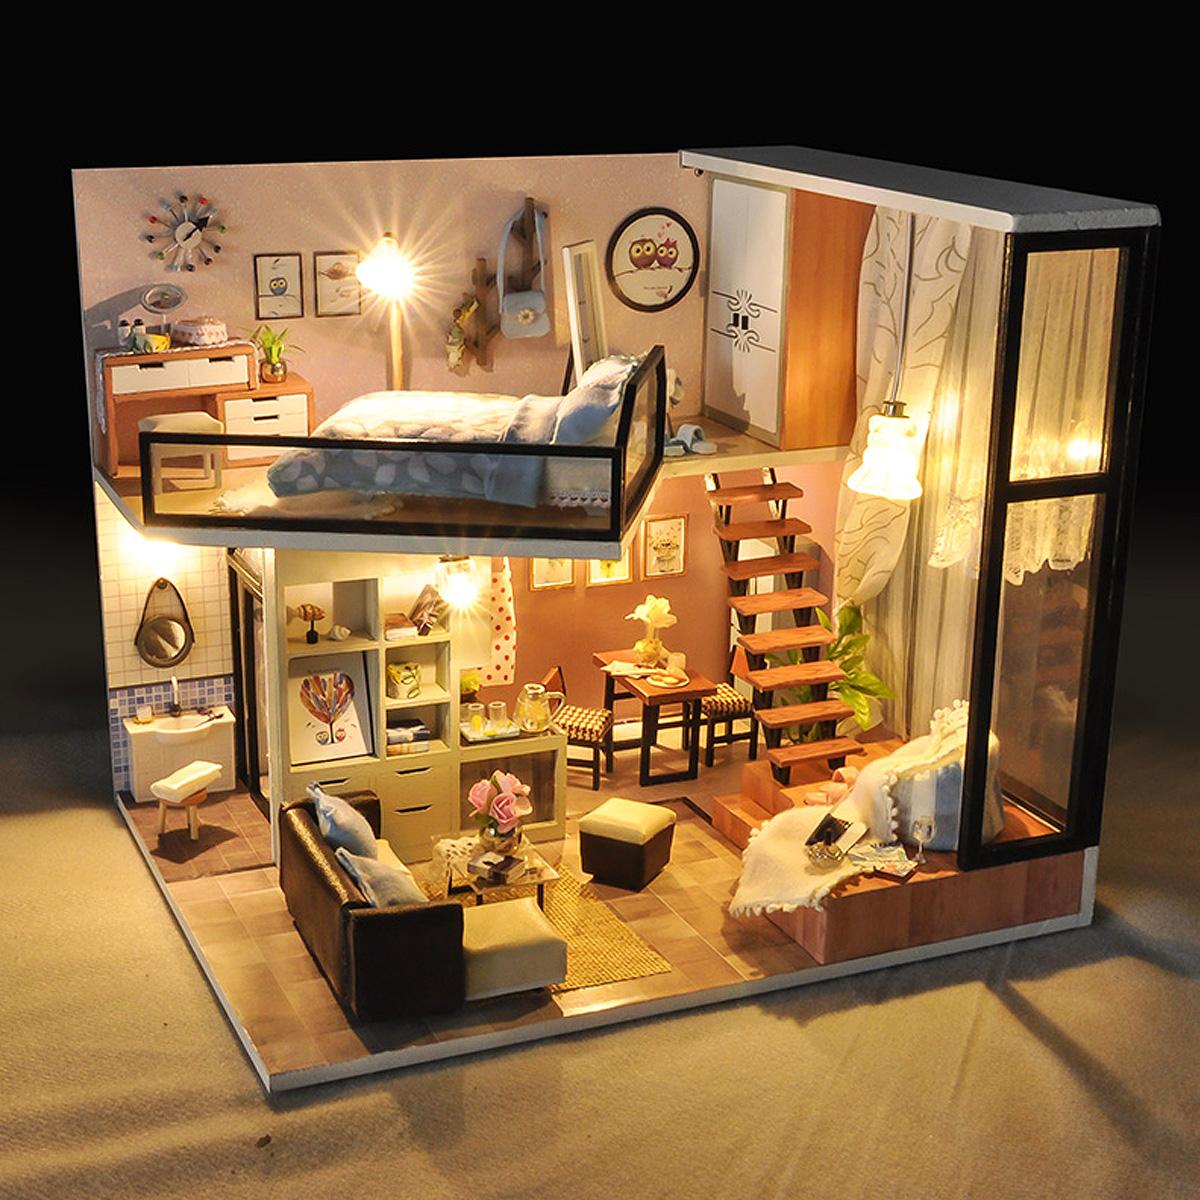 Lumi/ère Piscine Et Musique Blentude Maison De Poup/ées en Bois DIY 3D Dollhouse Miniature Meubles Kit Incluant Accessoires Et Mobilier Appartement Time